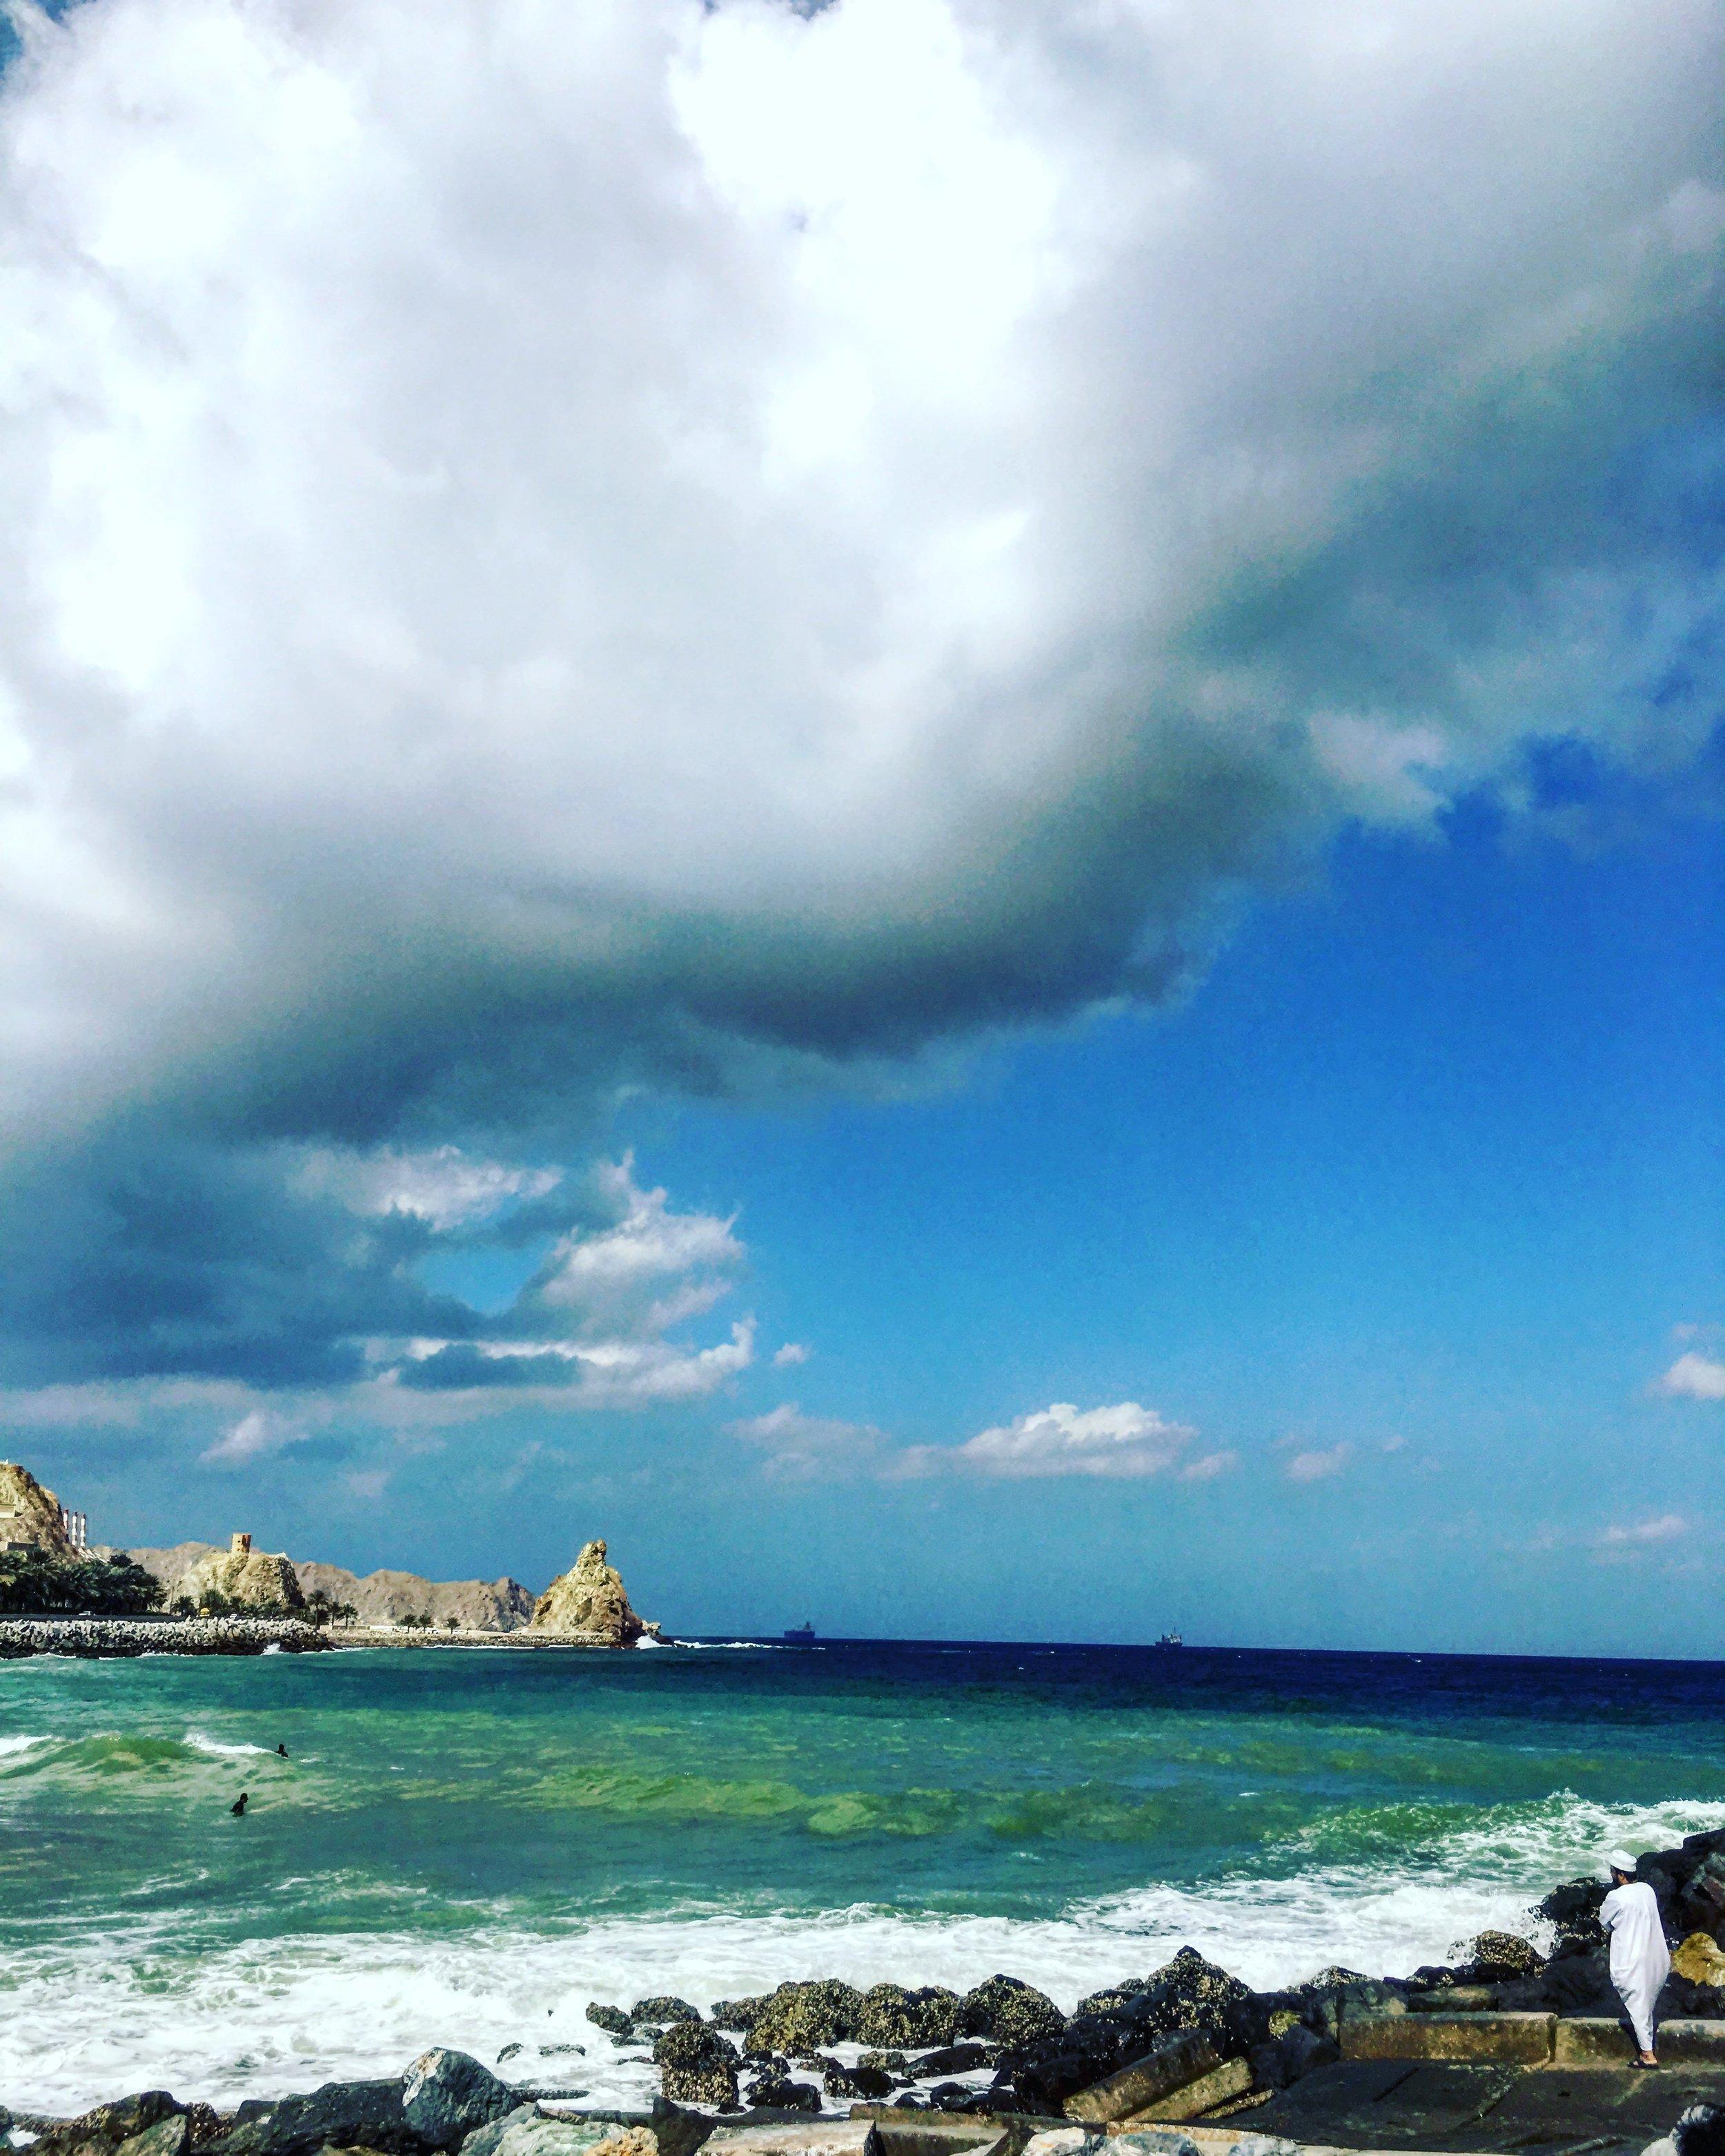 Mutrah, Oman, by Priyanka Sacheti.